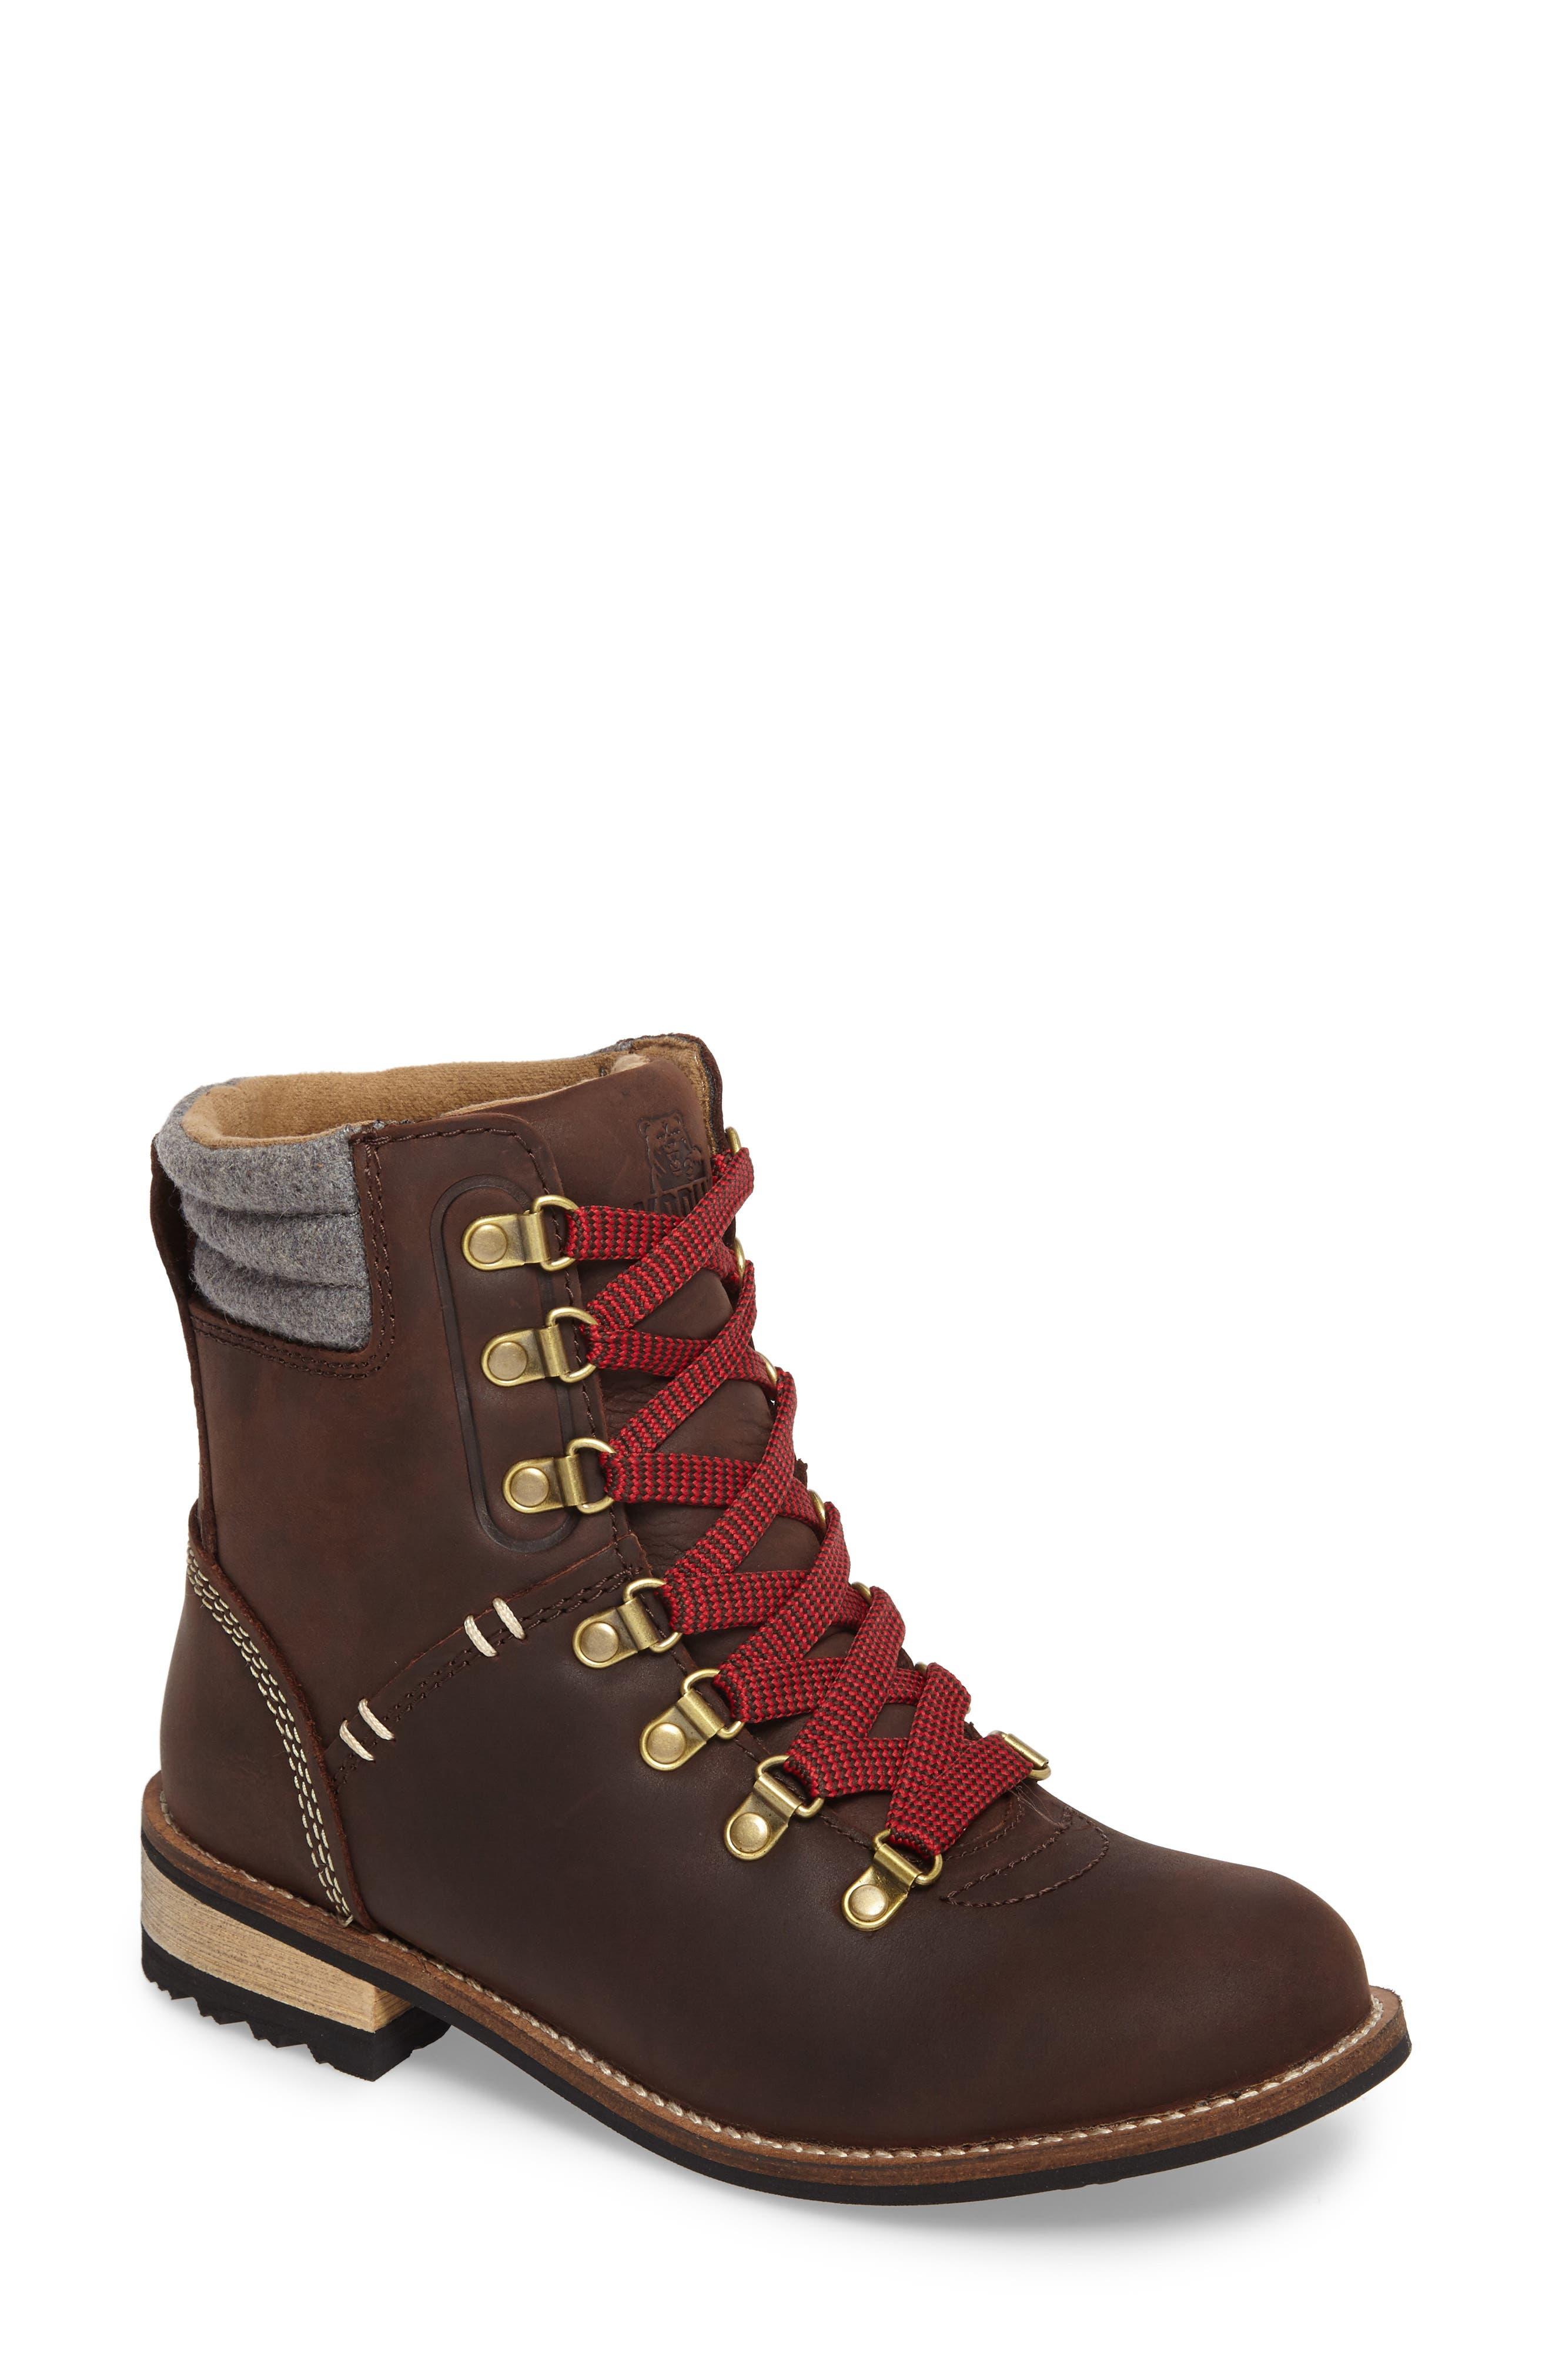 Kodiak Surrey Ii Waterproof Boot, Brown